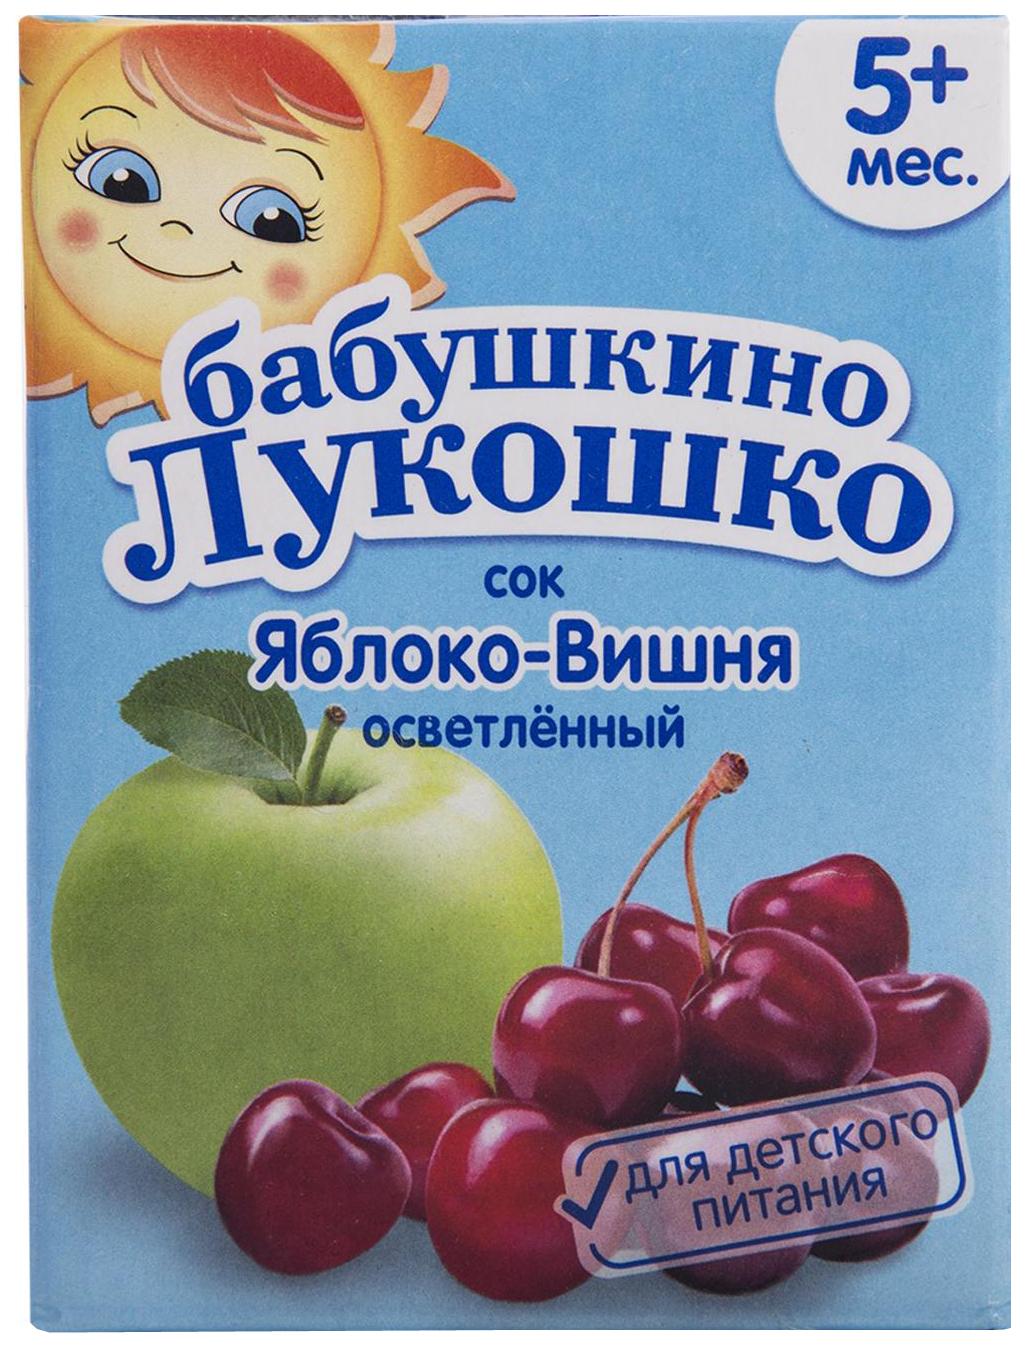 Купить Сок Бабушкино Лукошко Яблоко-вишня осветленный с 5 мес 200 мл, Детские напитки